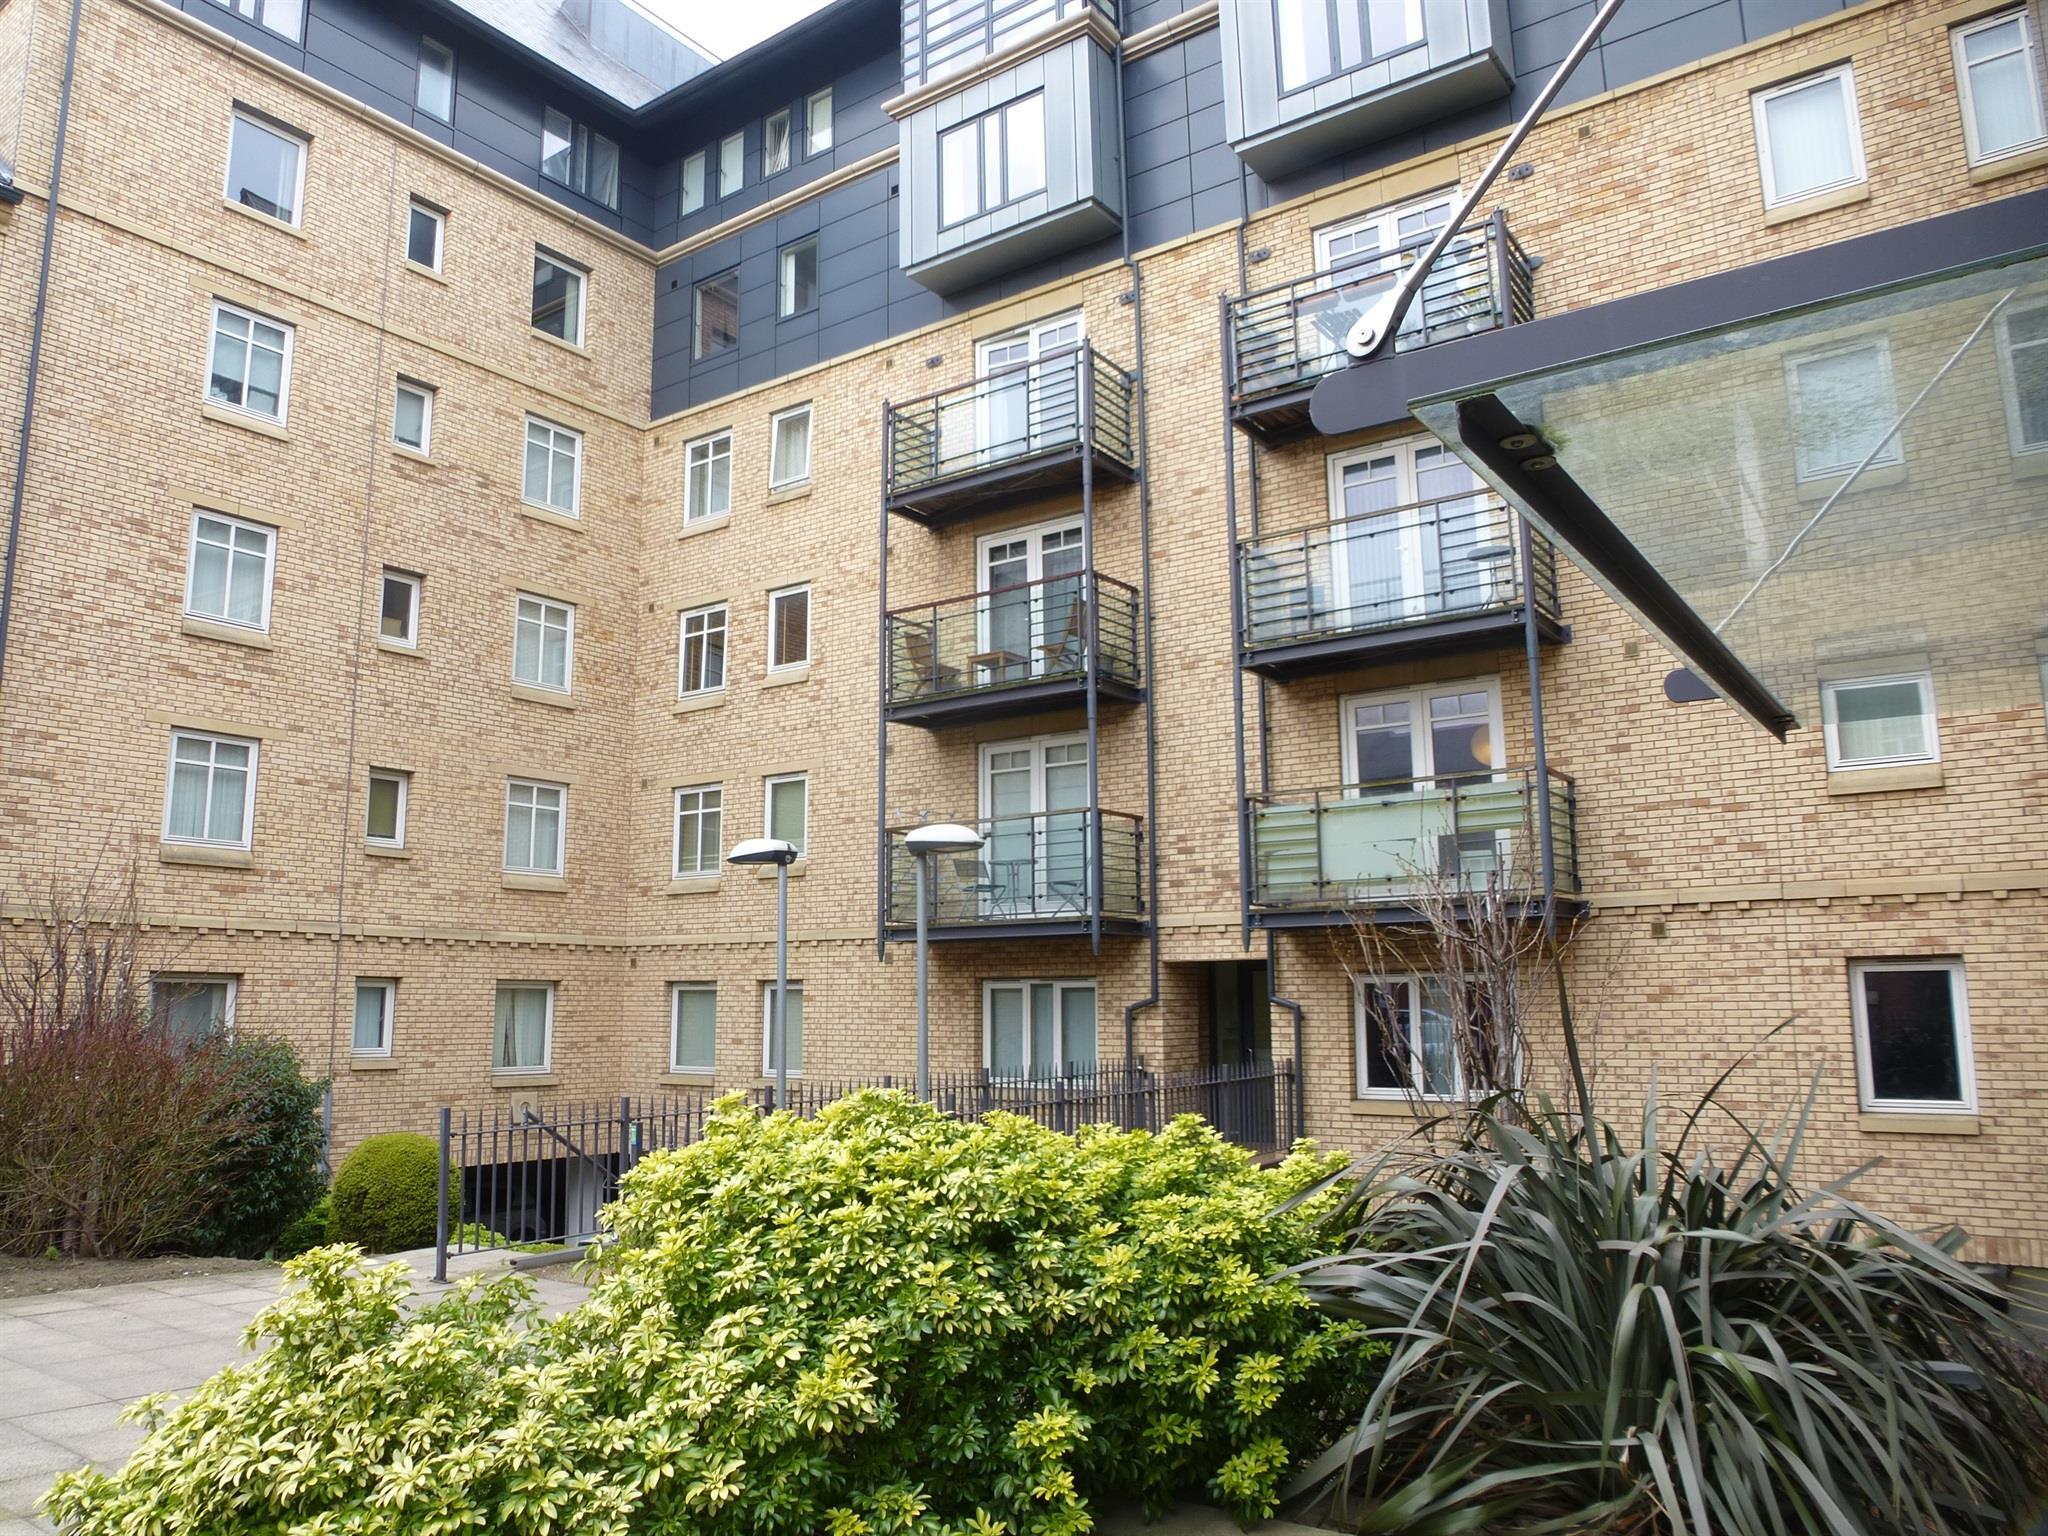 2 bedroom apartment for sale philadelphia house cross bedford street sheffield s6 3bs for 3 bedroom apartment philadelphia